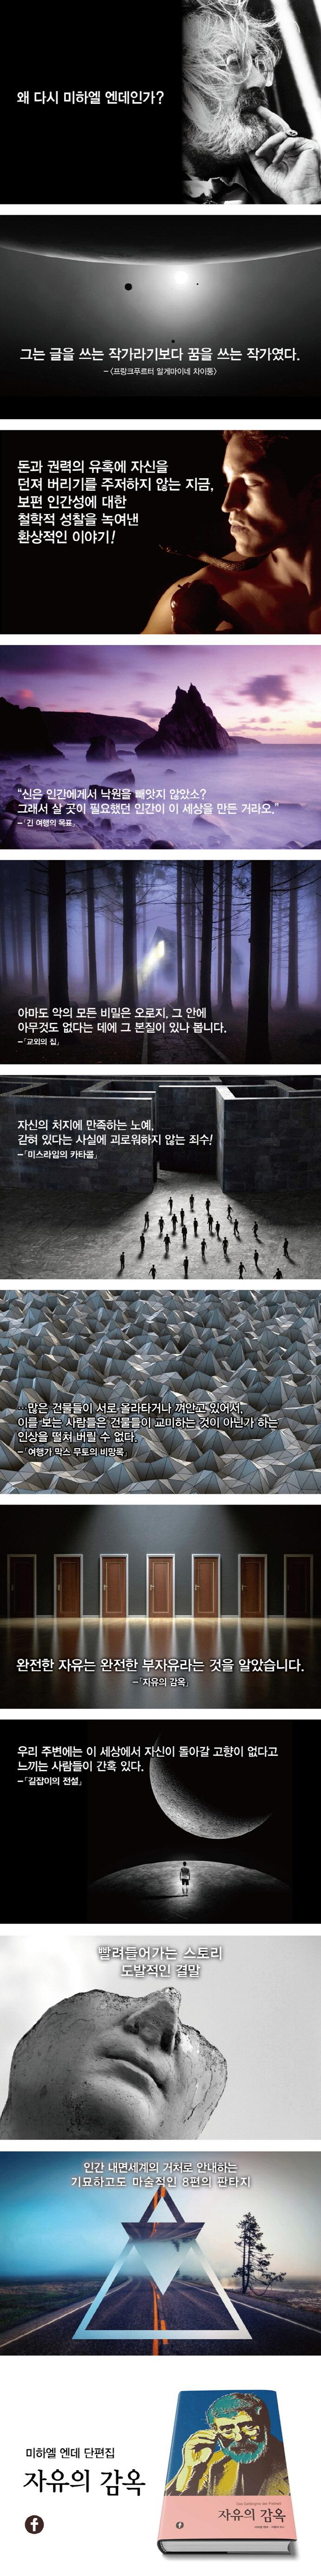 자유의 감옥(에프 모던 클래식)(양장본 HardCover) 도서 상세이미지